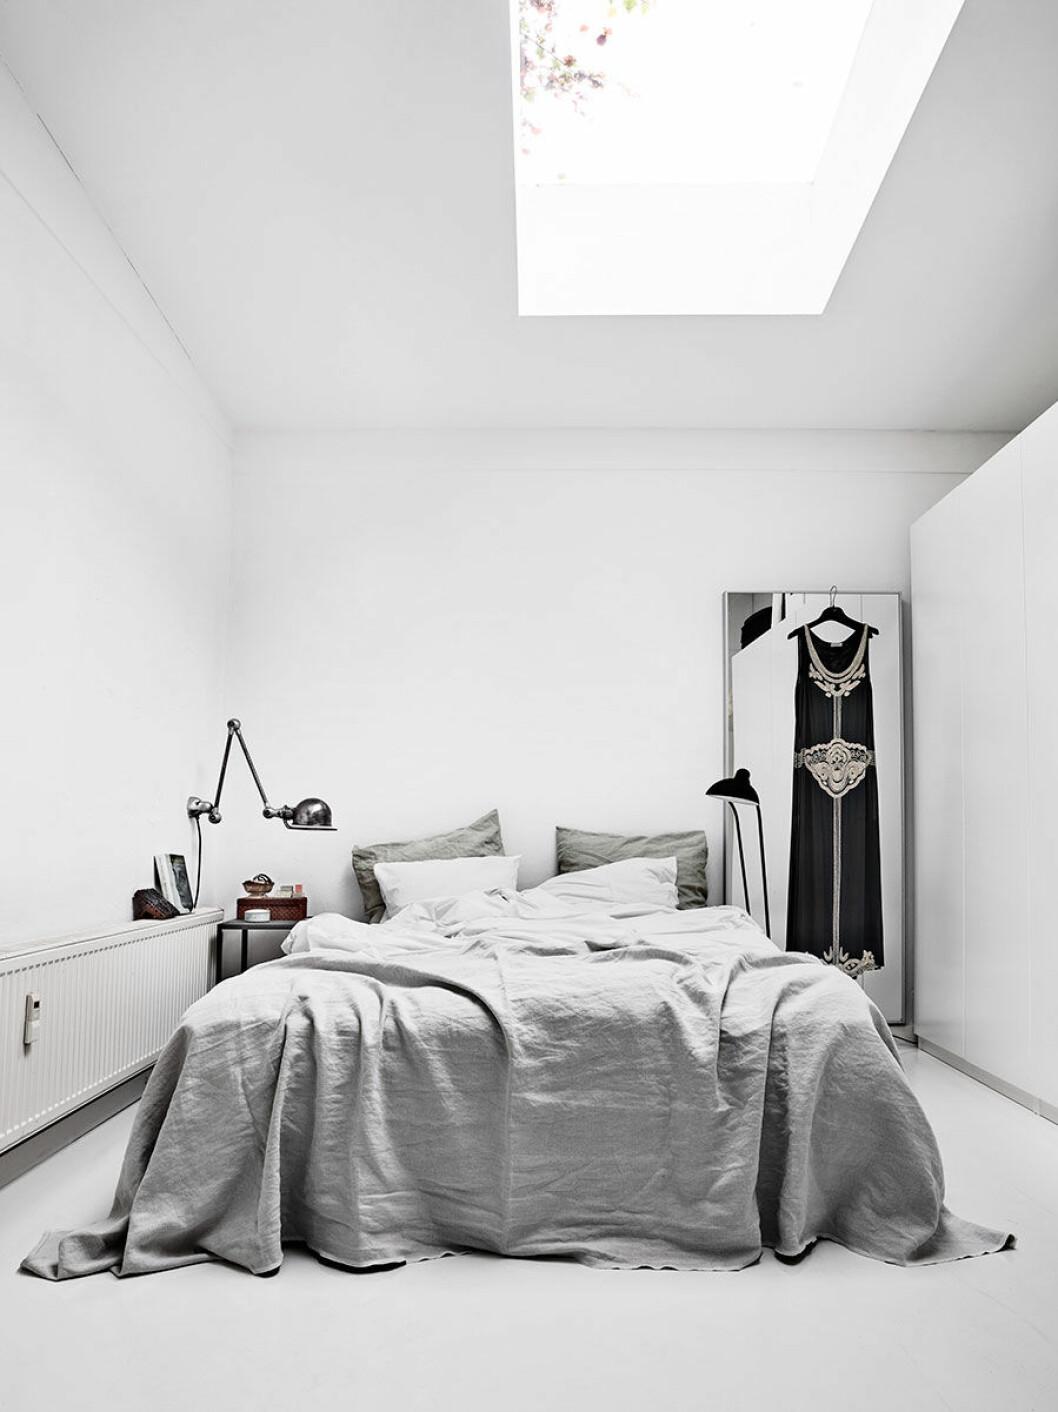 Från sängen  i det ljusa sovrummet  kan paret somna  till regnets trummande  på takfönstret.  Sängkläderna är  hemsydda av tyg från  belgiska Libeco.  Vintagelampa från  Jieldé och golvlampa  från Christian Dell.